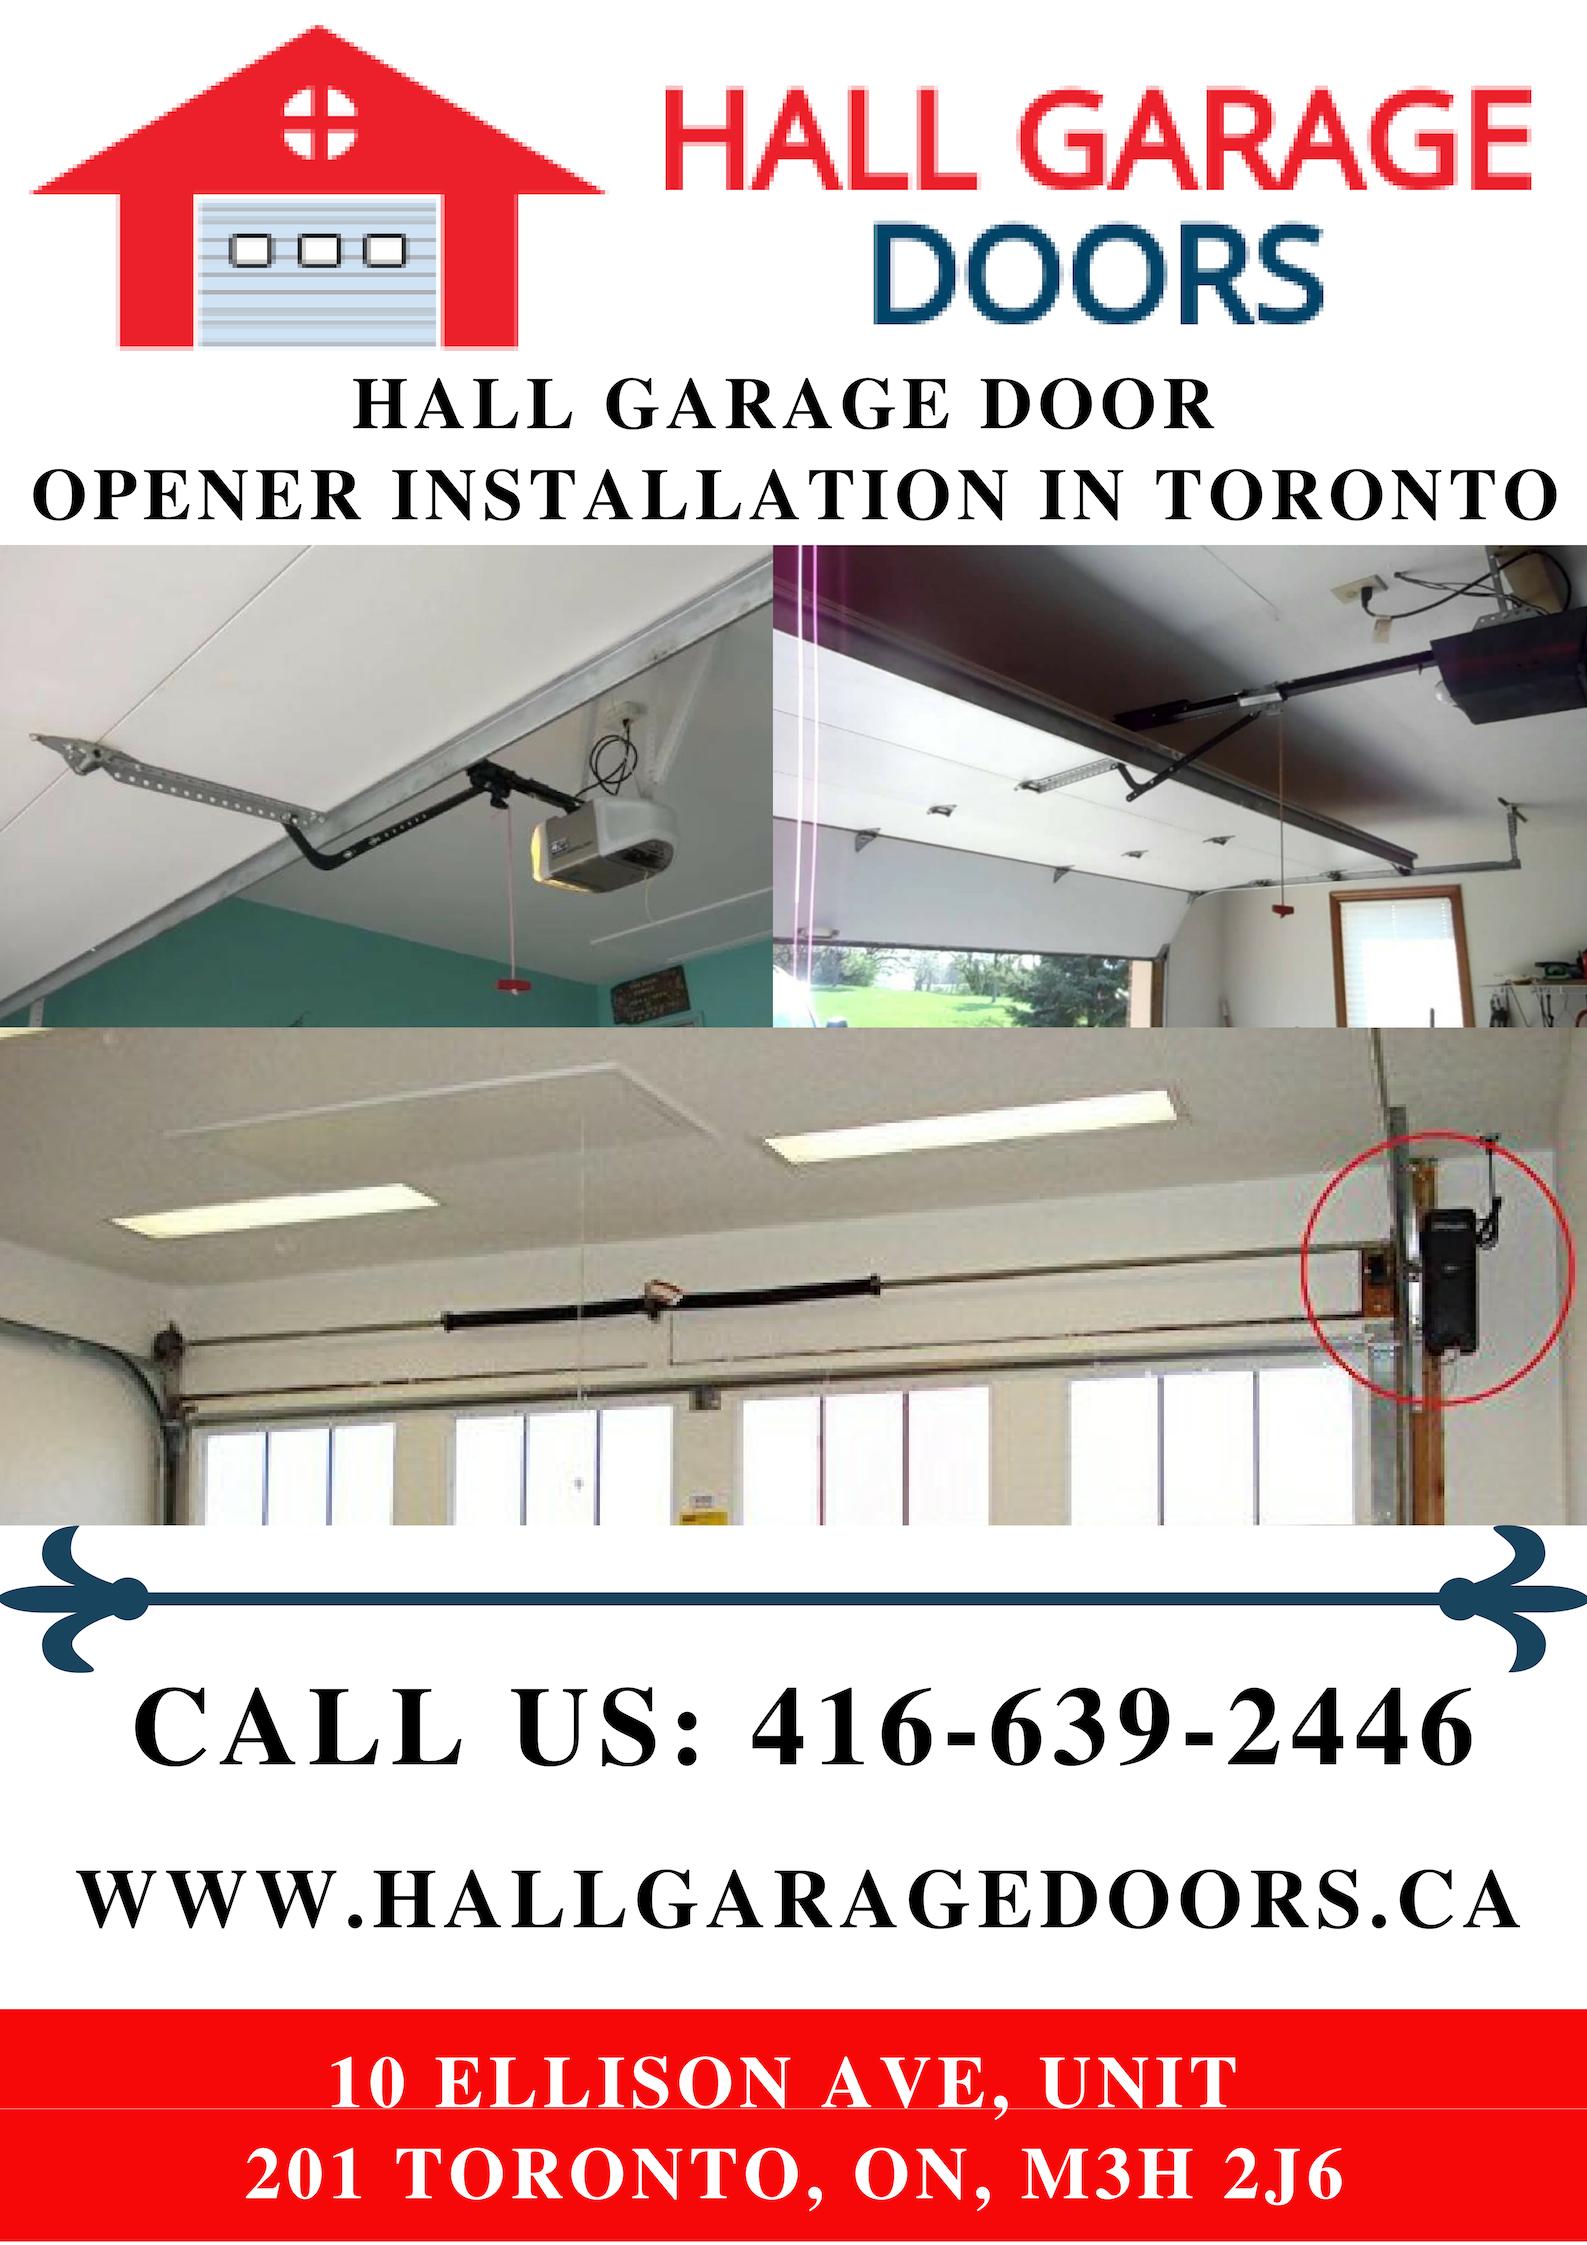 Hall Garage Doors Is The Leading Garage Door Company In Toronto That Offers Complete Garage Doo Garage Door Opener Installation Garage Doors Garage Door Styles